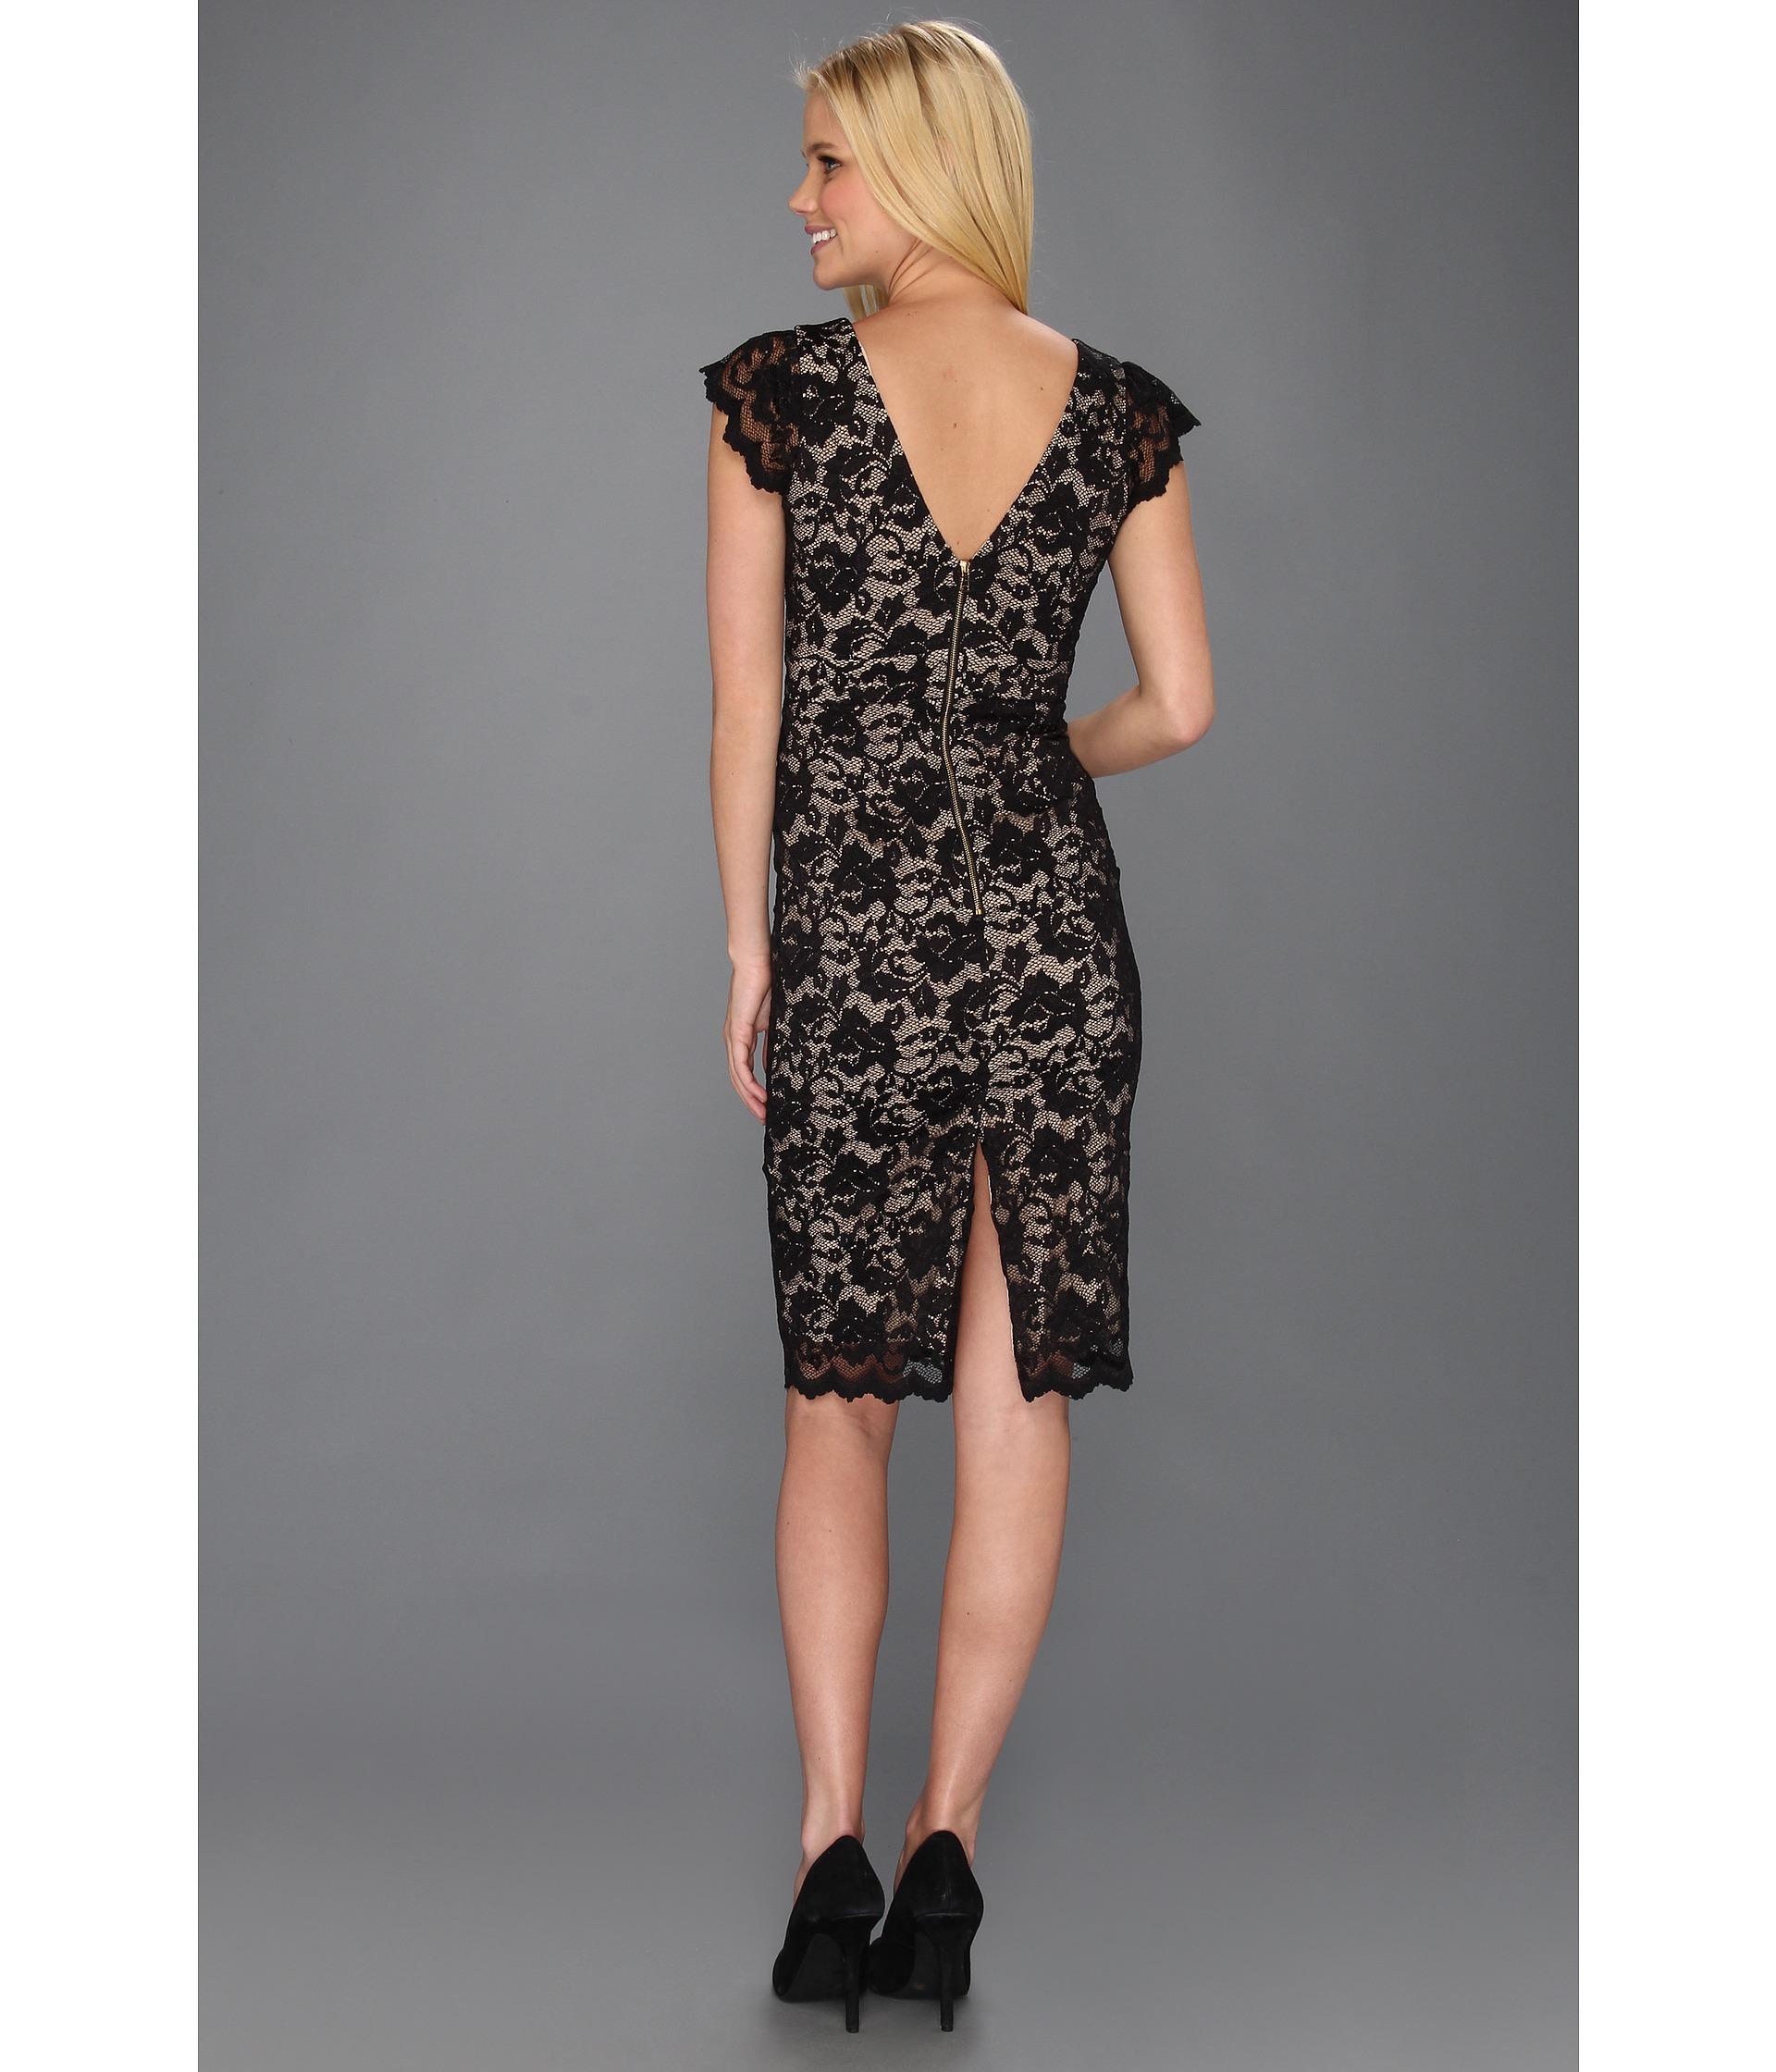 lace dresses size allen schwartz search